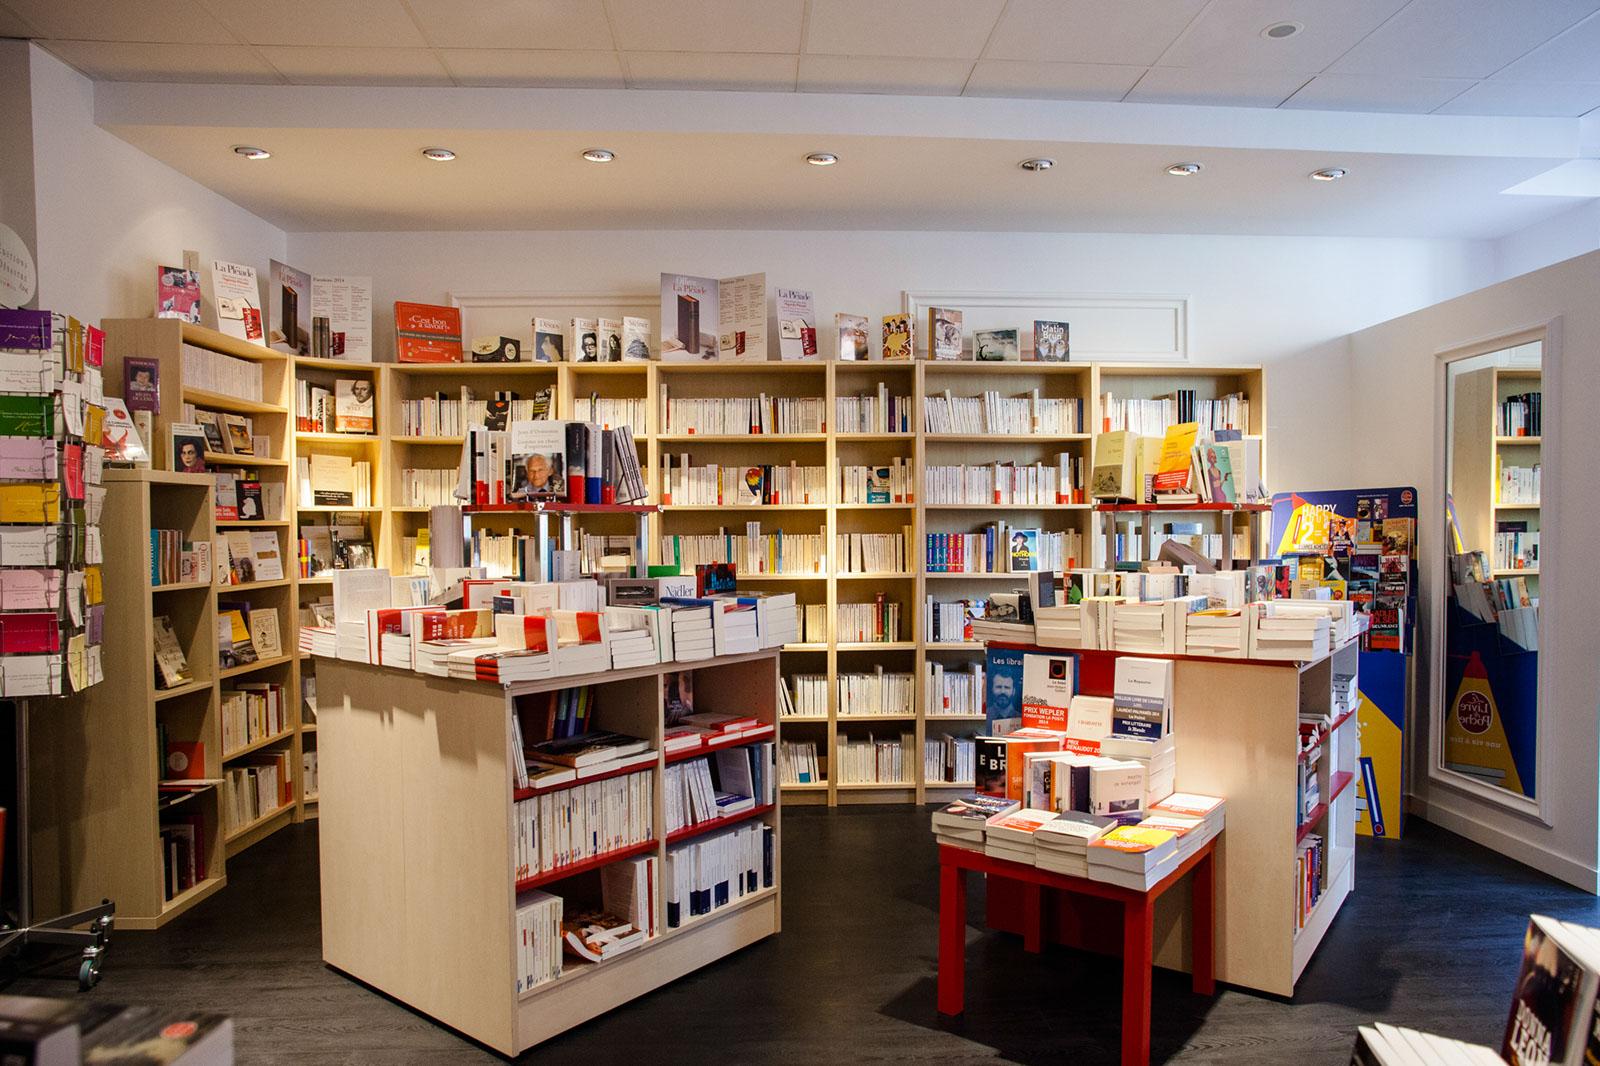 librairie_4